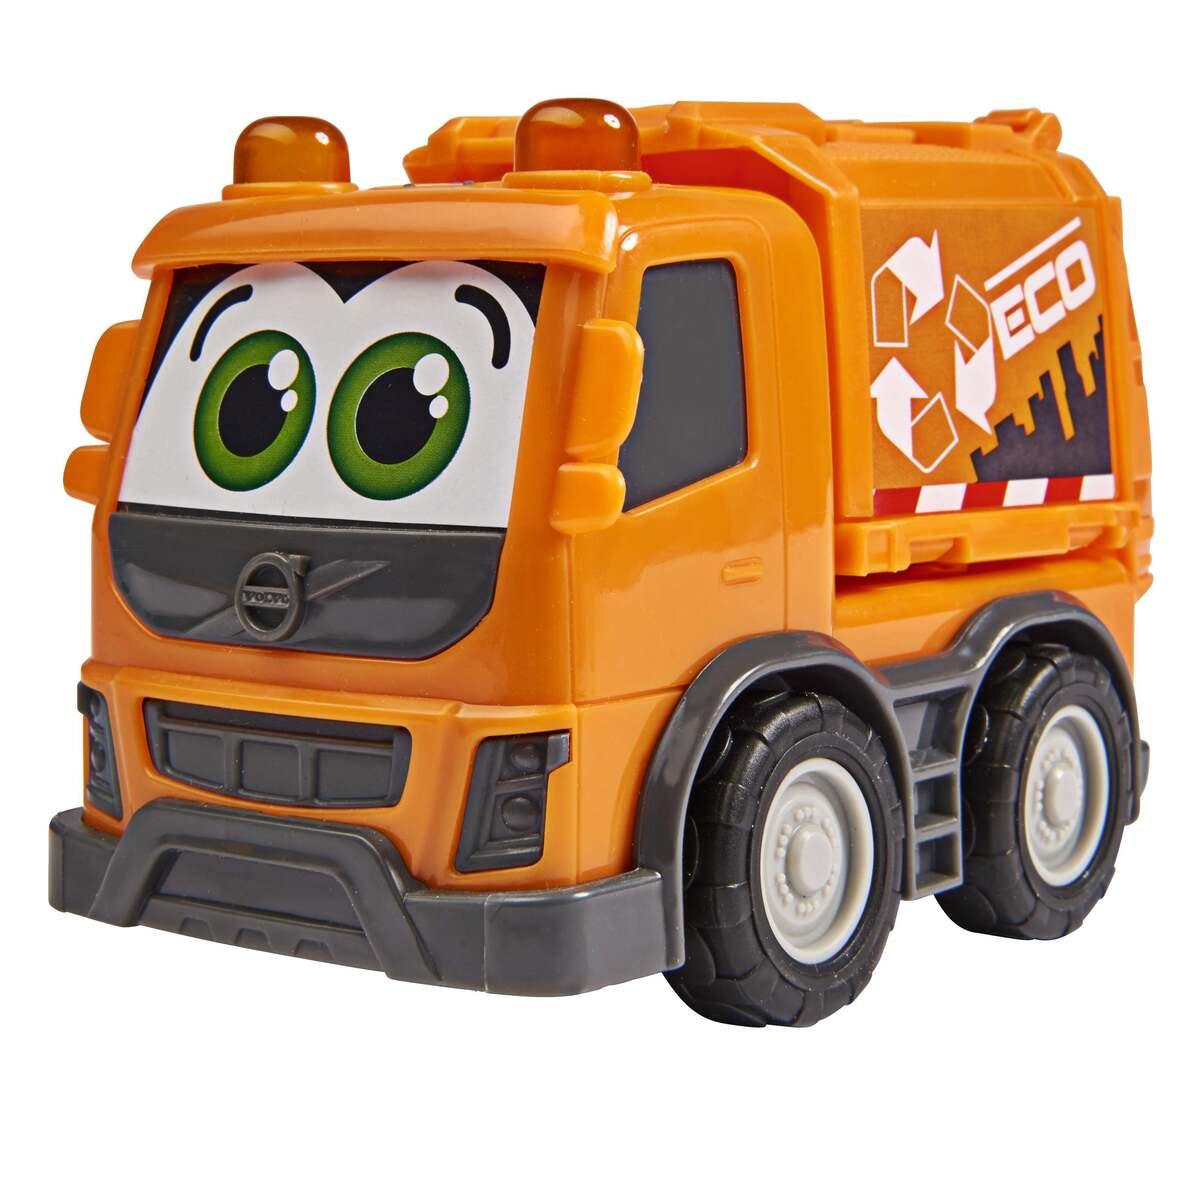 Bild 1 von Dickie Toys Was ist Was - Müllabfuhr Fahrzeug